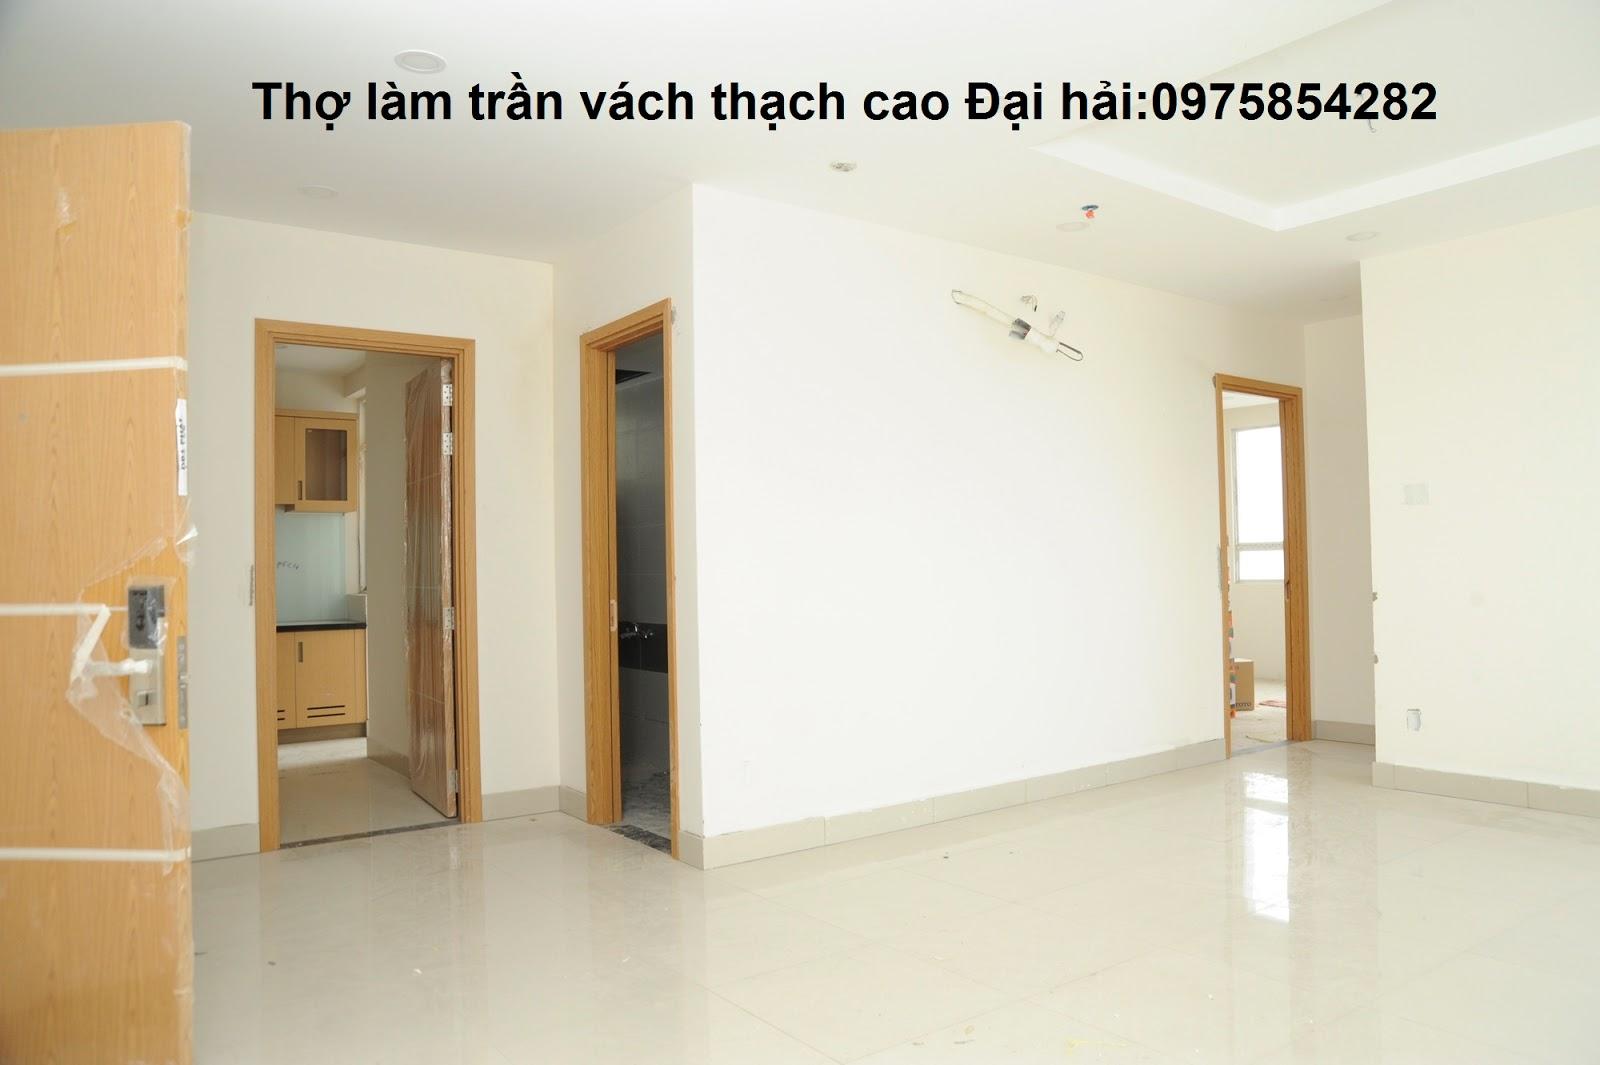 Hình ảnh Mẫu Trần Thạch Cao đẹp Nhất Cho Phòng Kháchphòng